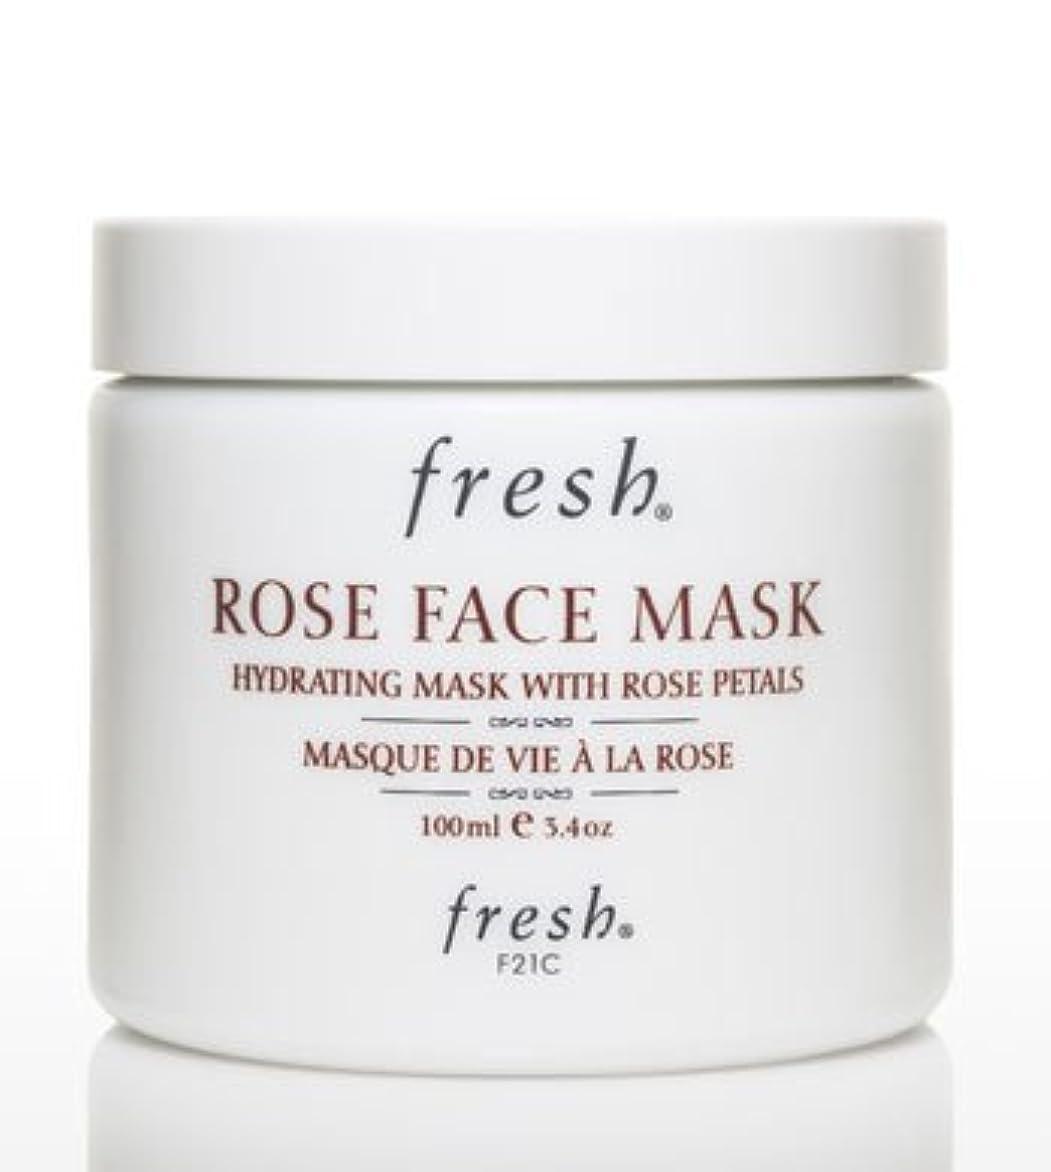 ステンレスコール乱すFresh ROSE FACE MASK (フレッシュ ローズフェイスマスク) 3.4 oz (100g) by Fresh for Women